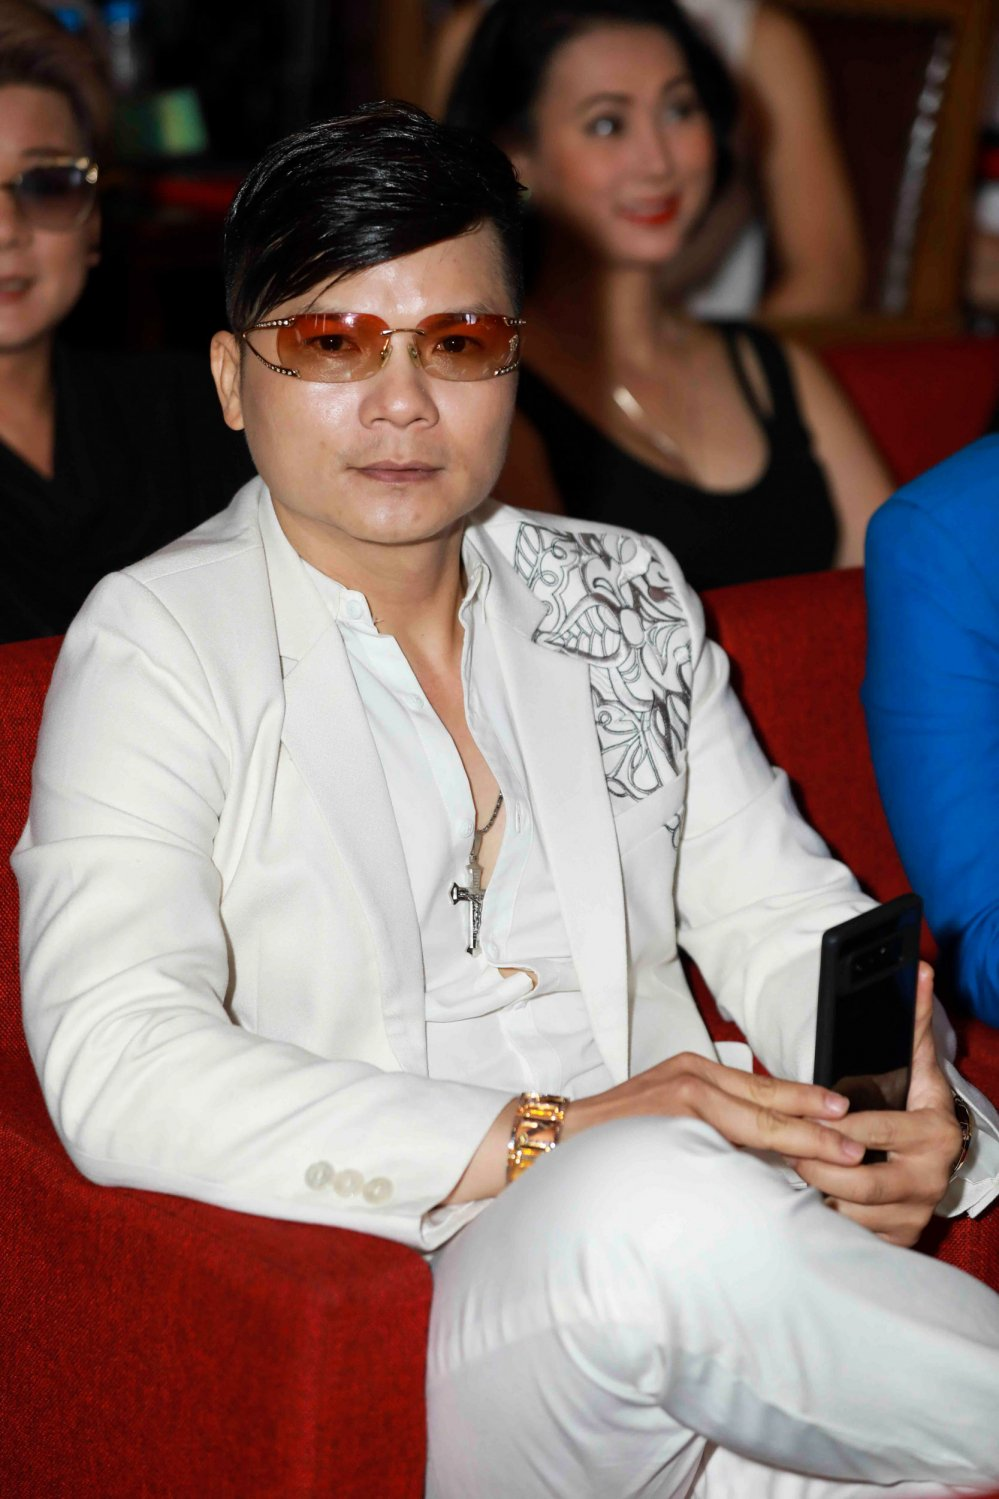 Dam Vinh Hung duoc hoc tro Thu Hang tang micro nam vang hinh anh 5